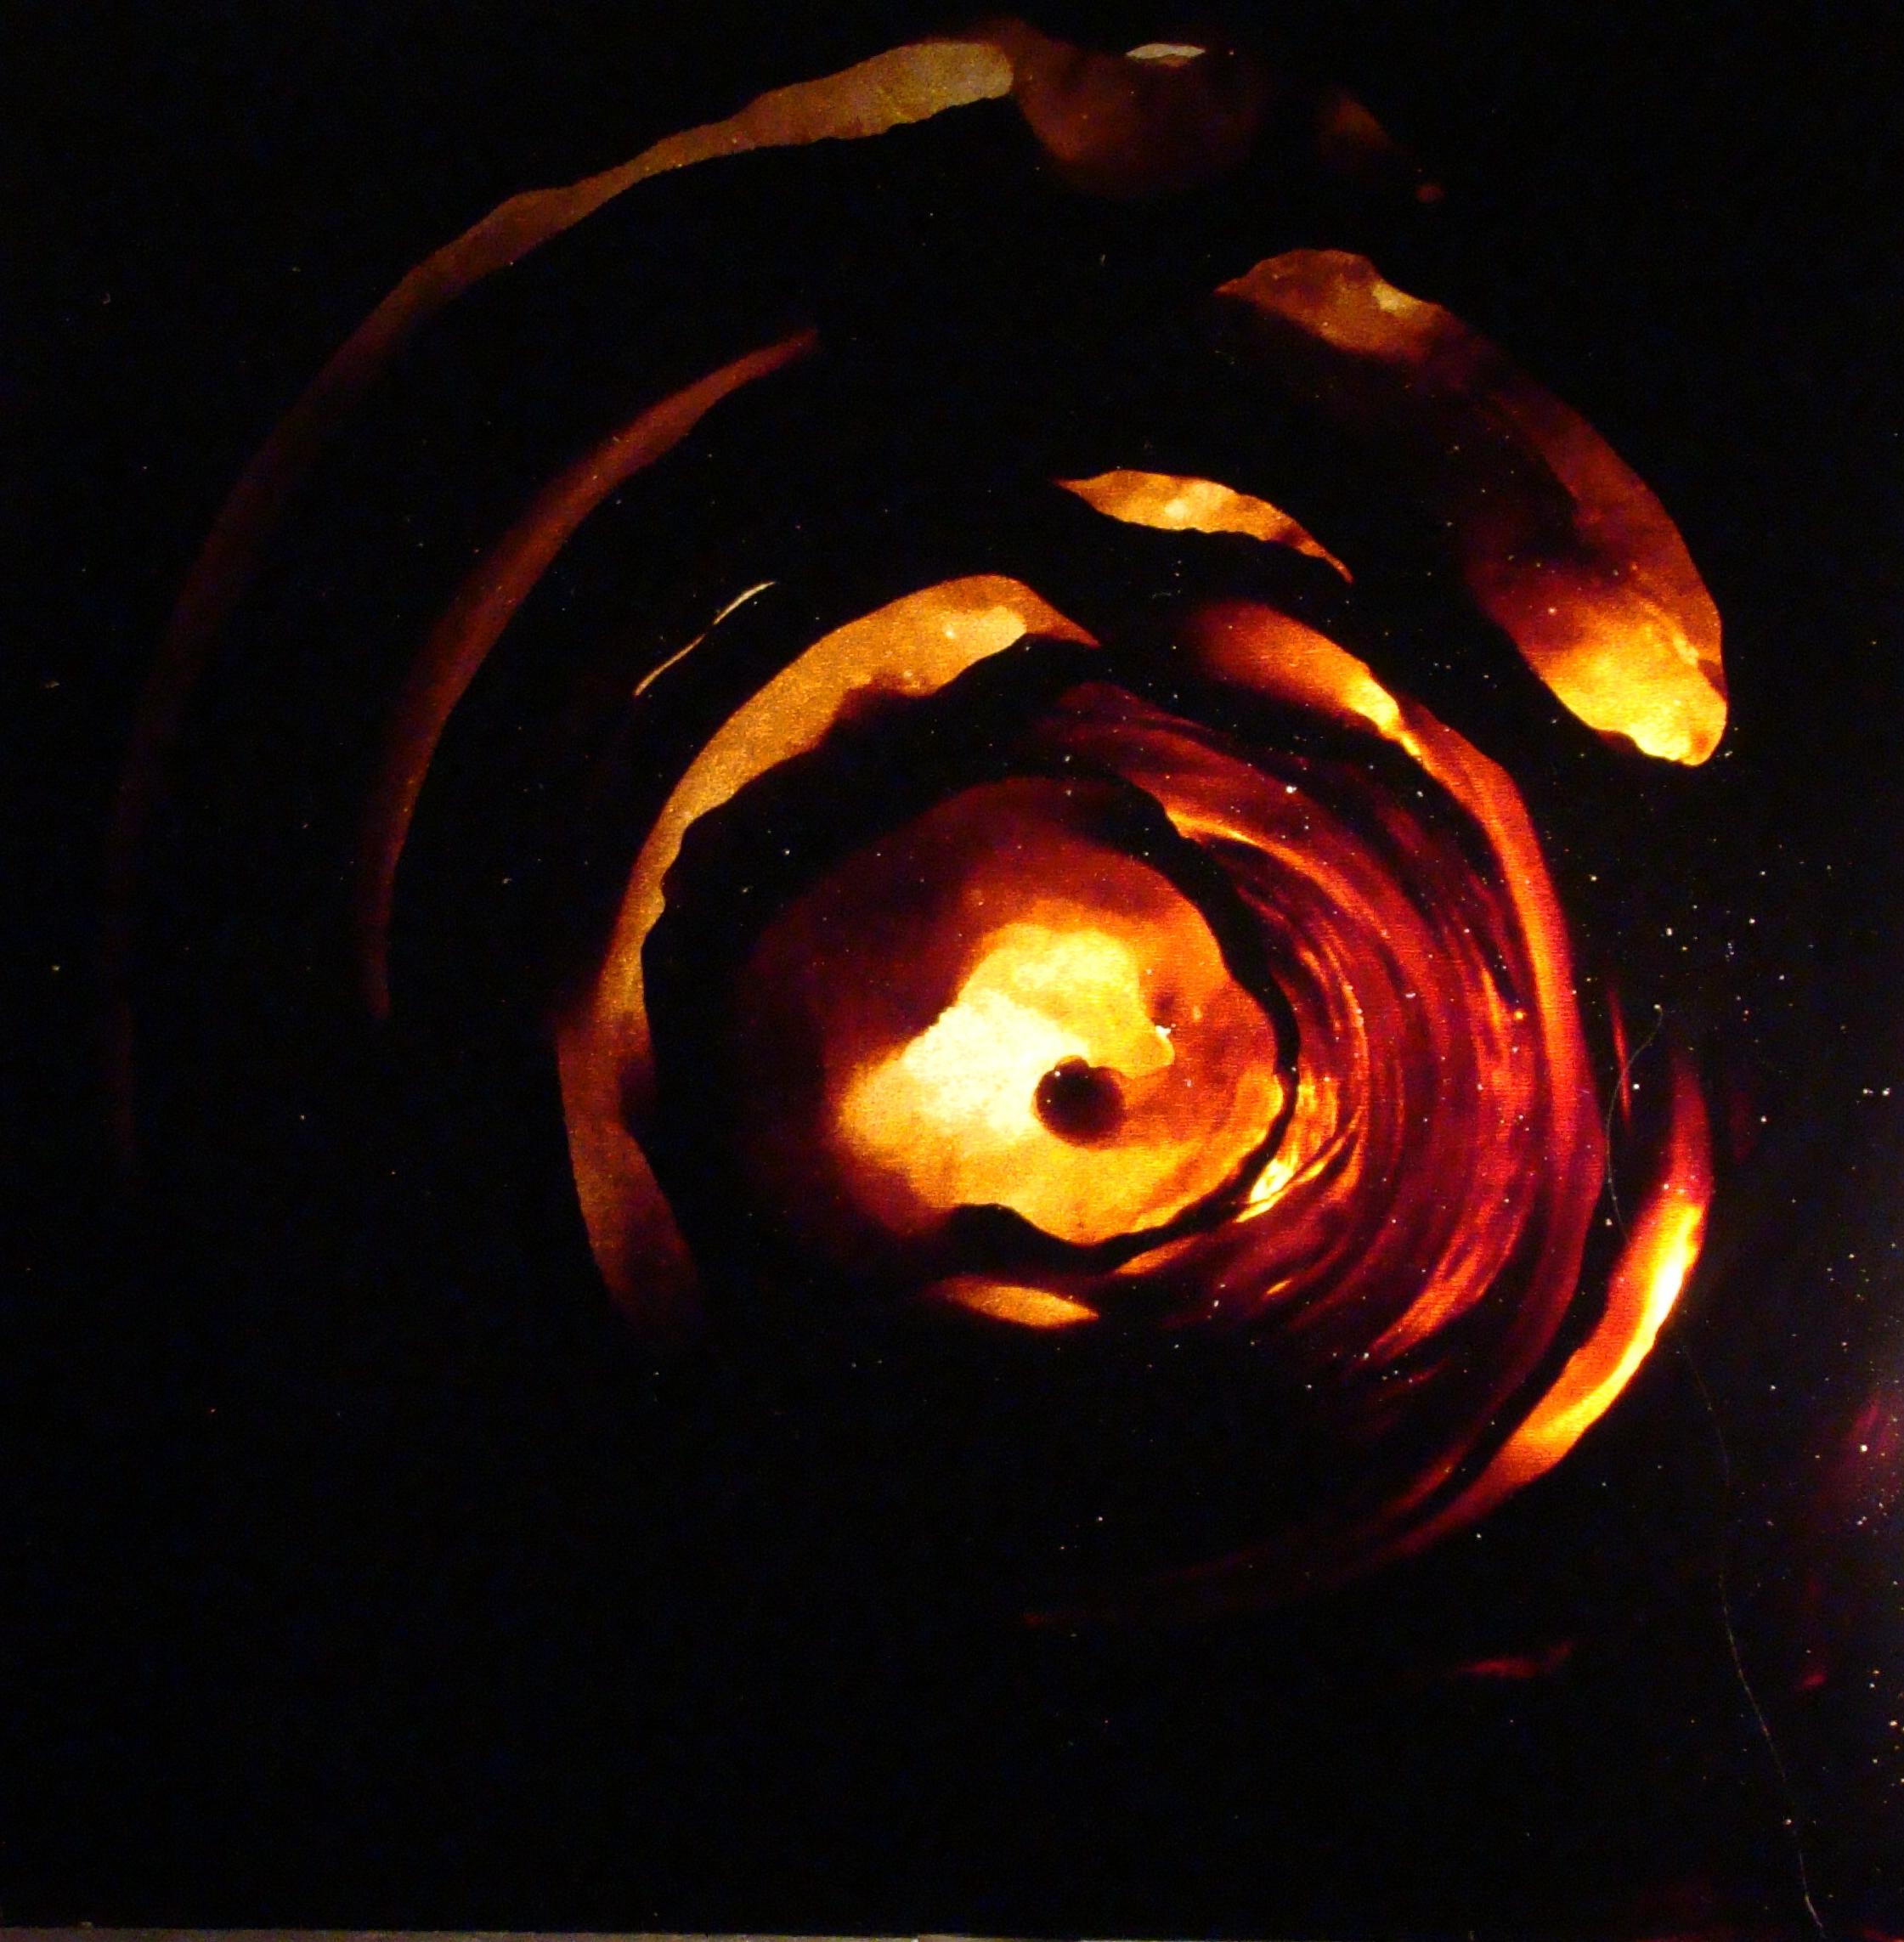 Goudron et Or - L'opposé vu par la Matière, goudron et or,un par reflet de la lumière, l'autre par sa transparence et son opacité.Ces deux matières chargées d'histoire et de proverbes reflètent en eux le TOUT dans leur probable opposition.Le goudron sur acier produit la luminosité par transparence.